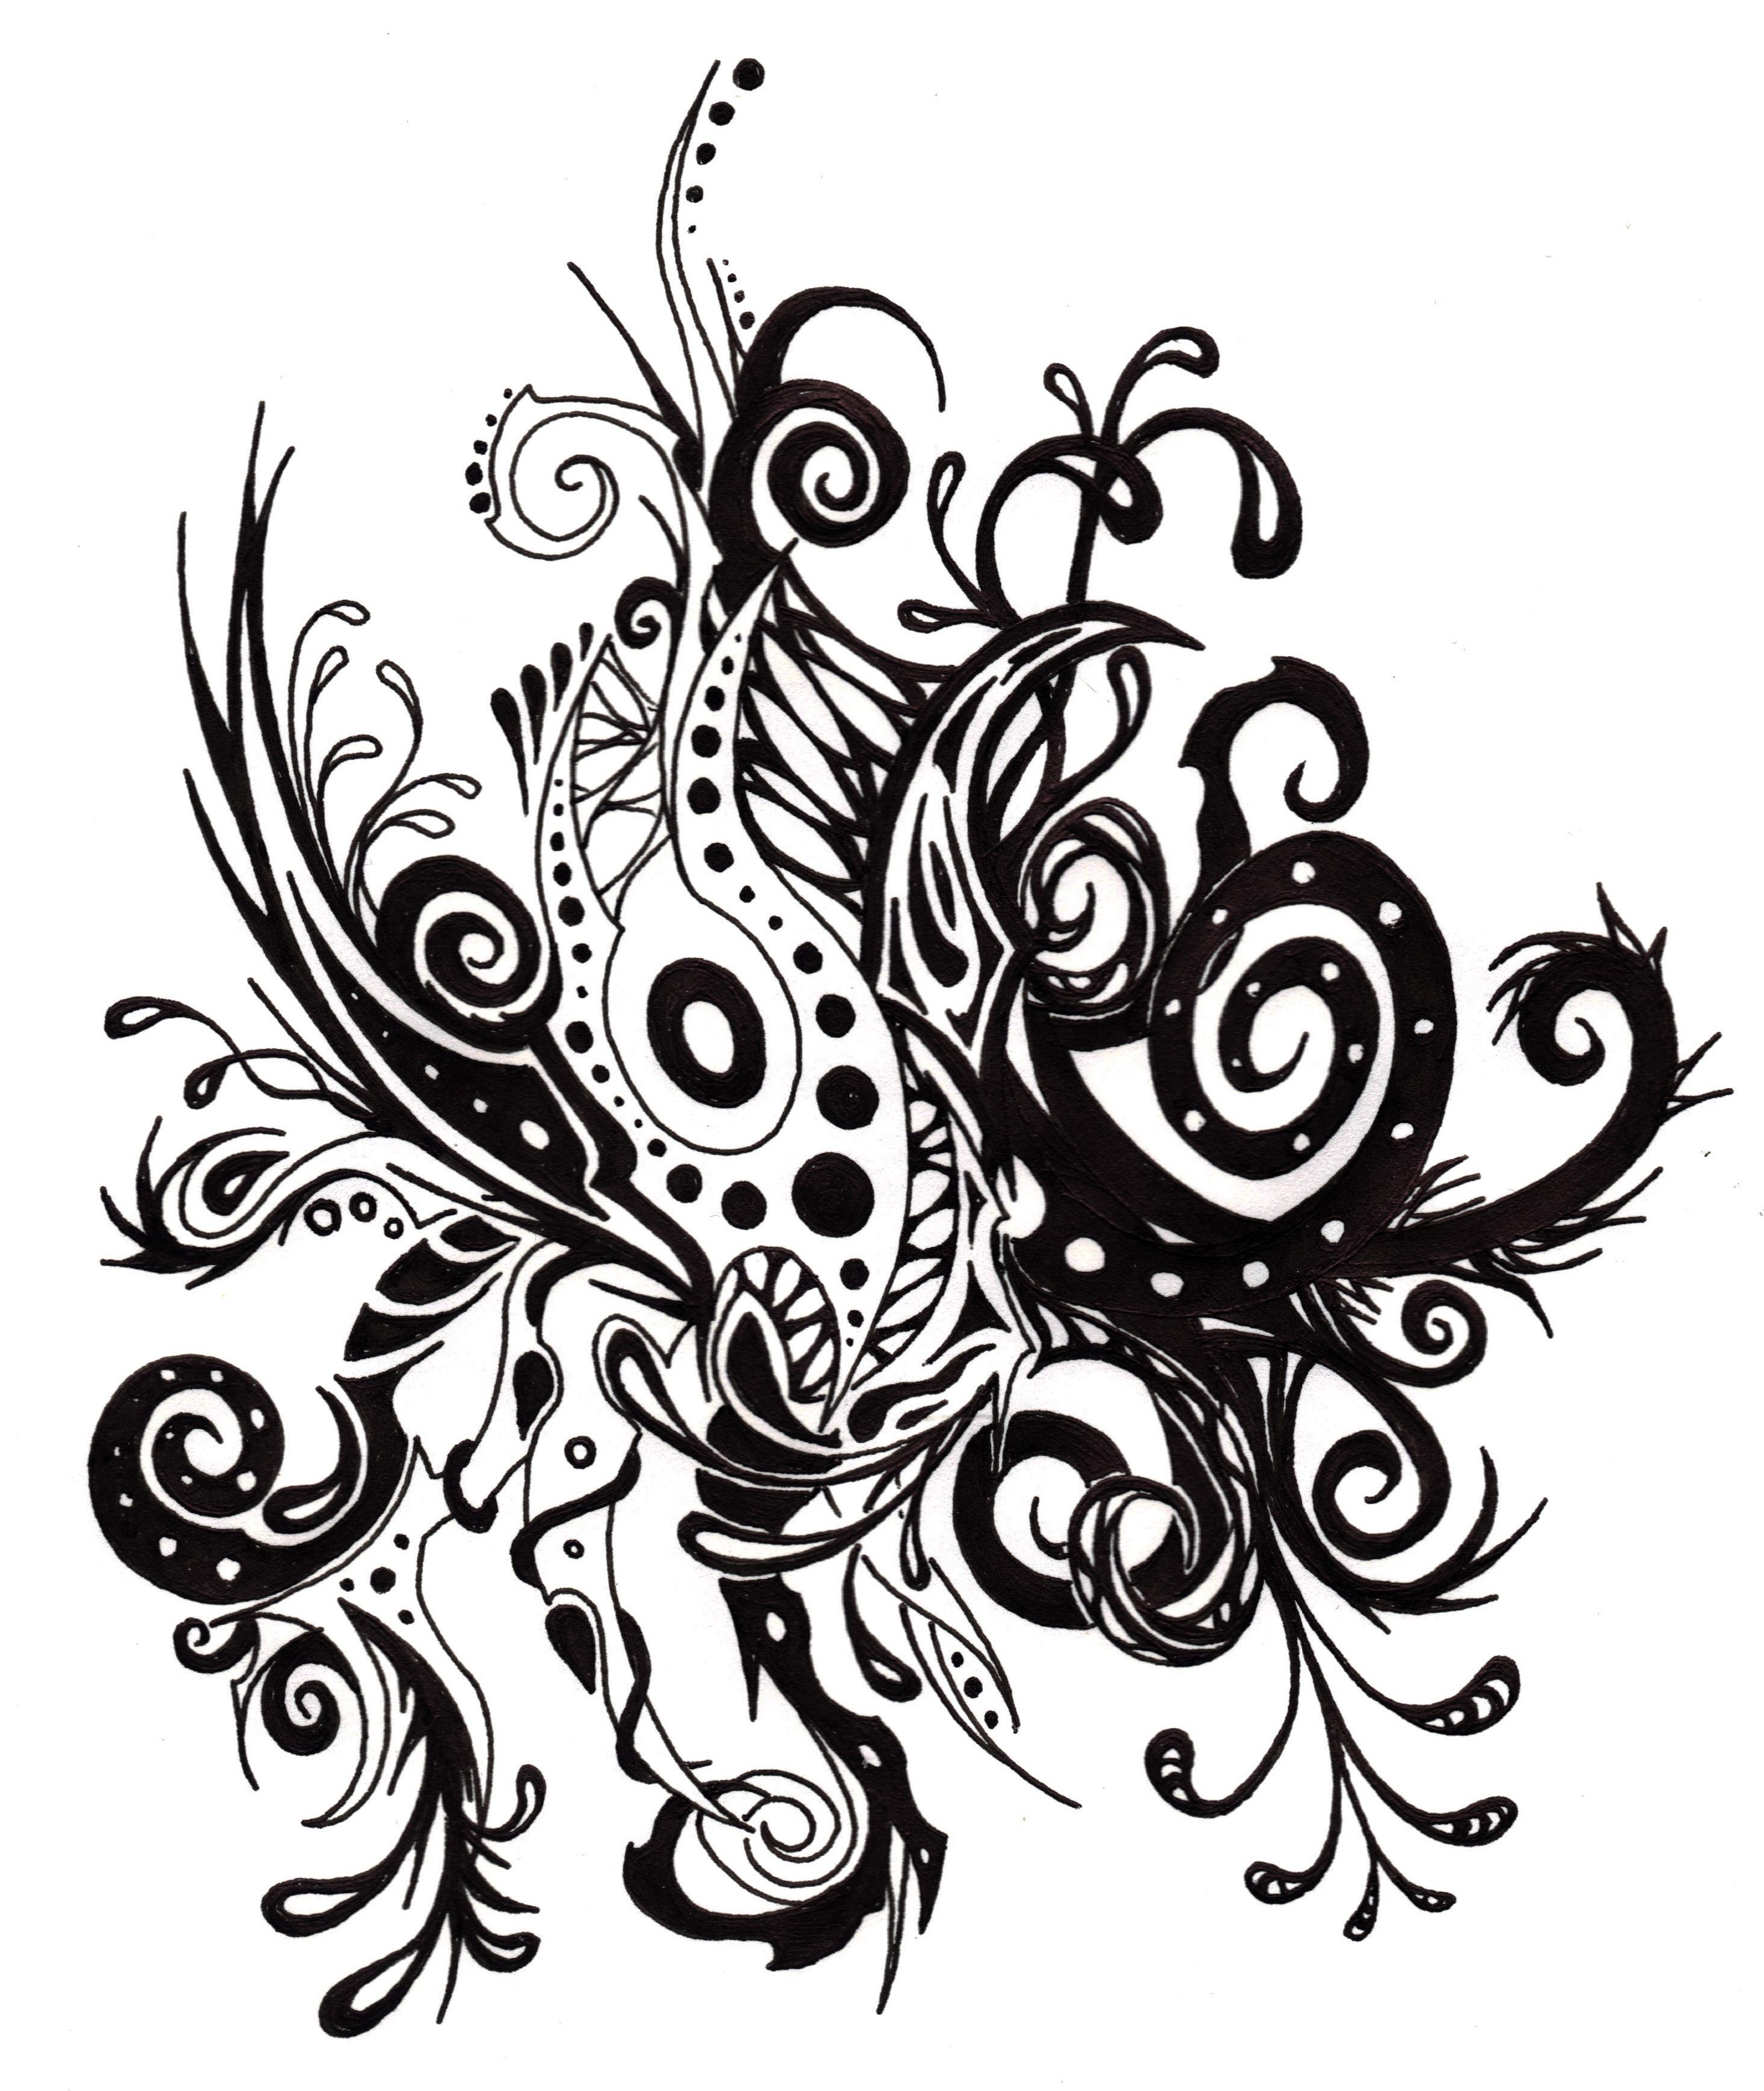 Plantes 4 dessins fantastiques - Dessin de fleur en noir et blanc ...